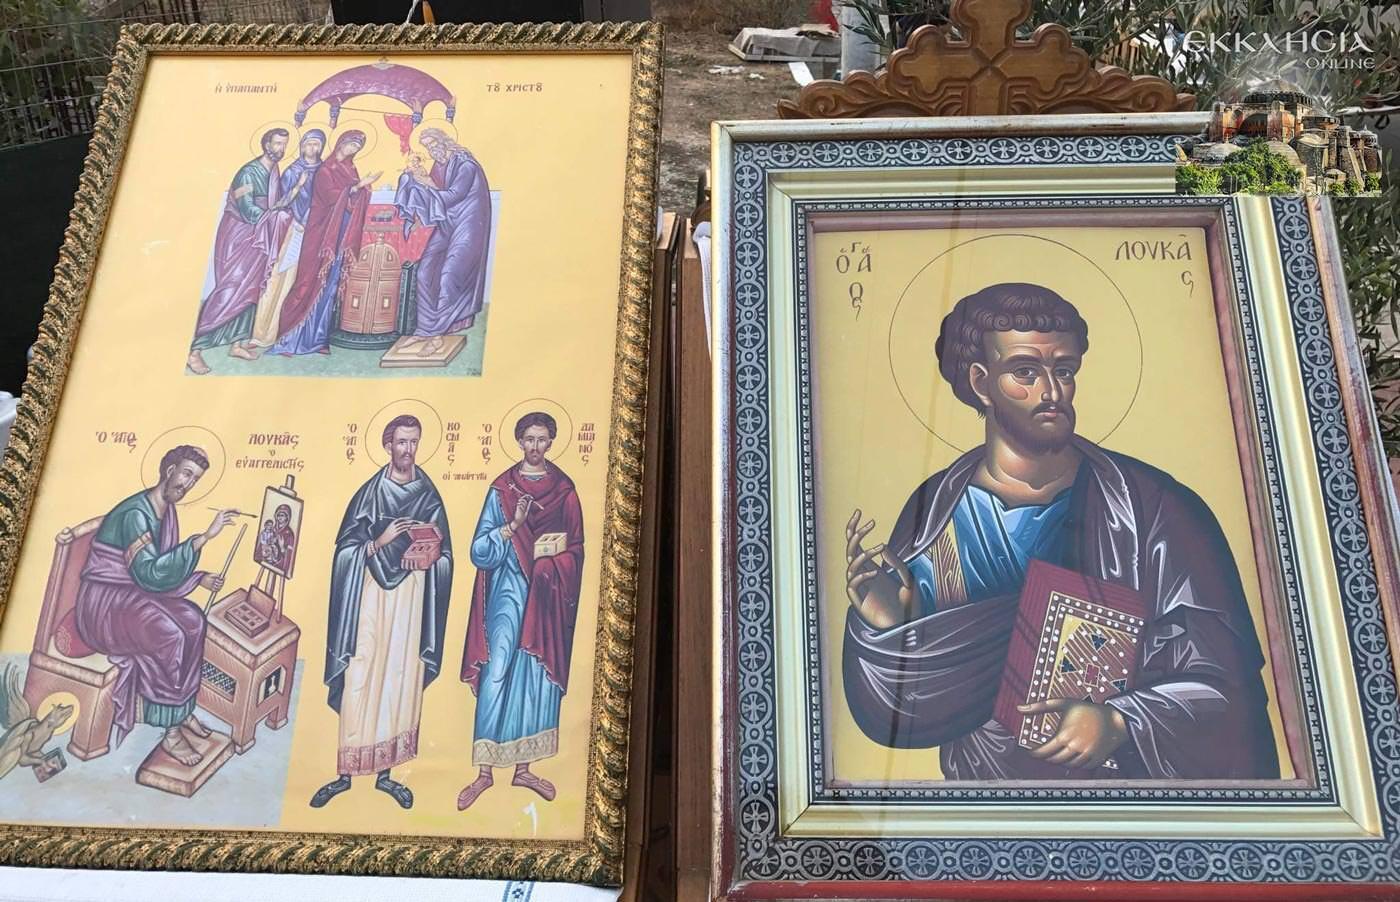 Άγιος Λουκάς Ευαγγελιστής εικόνα